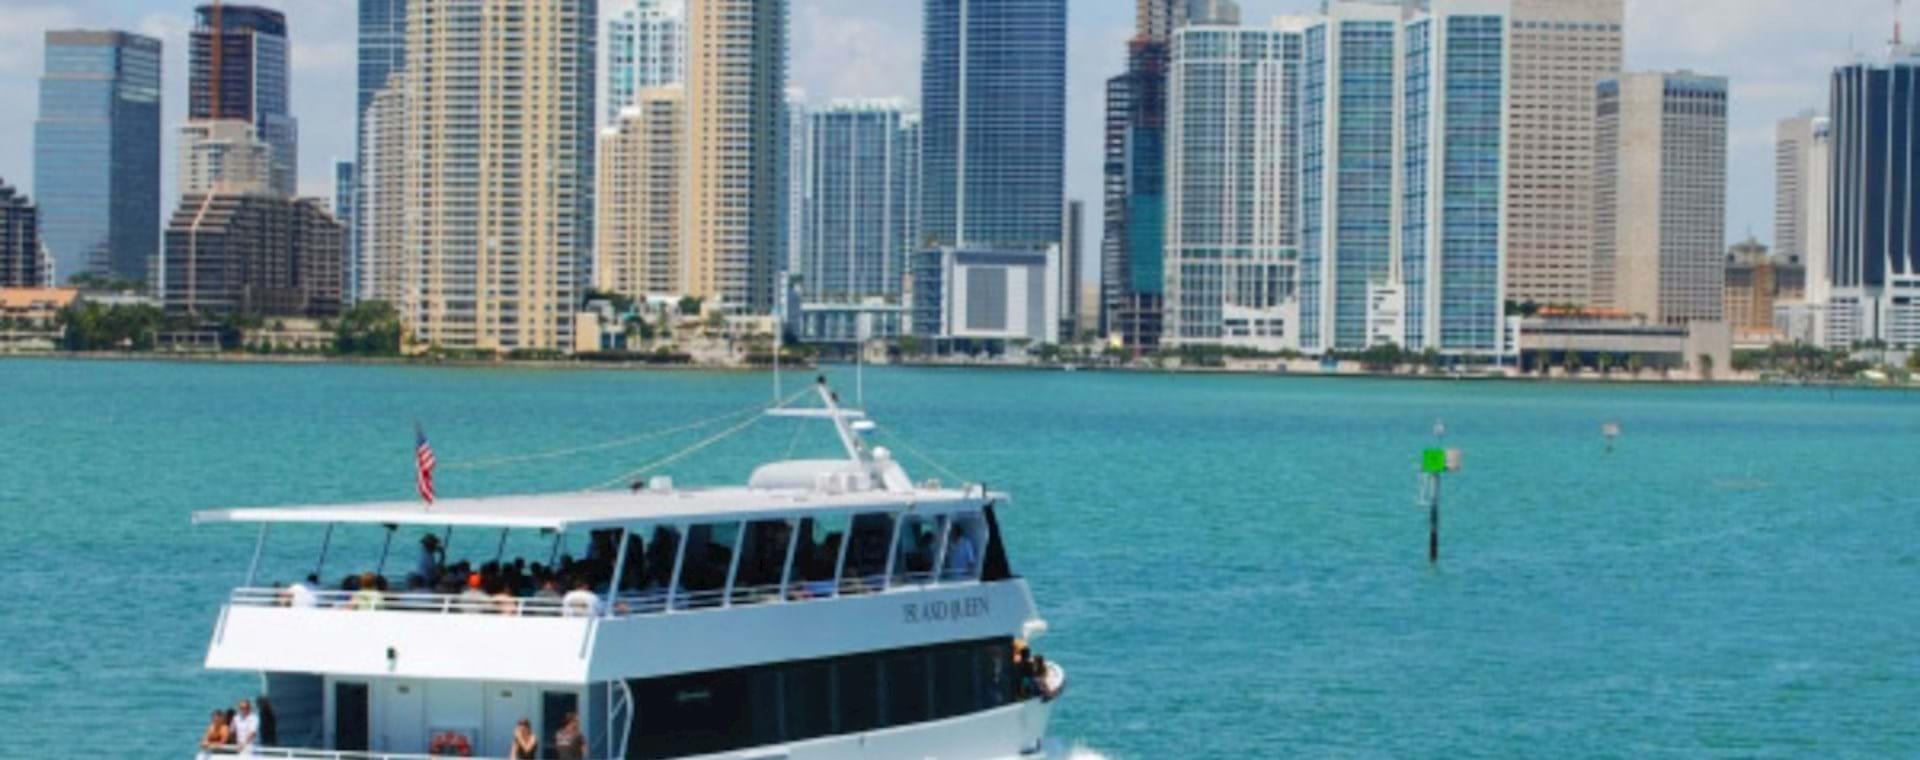 Boat trip in Miami